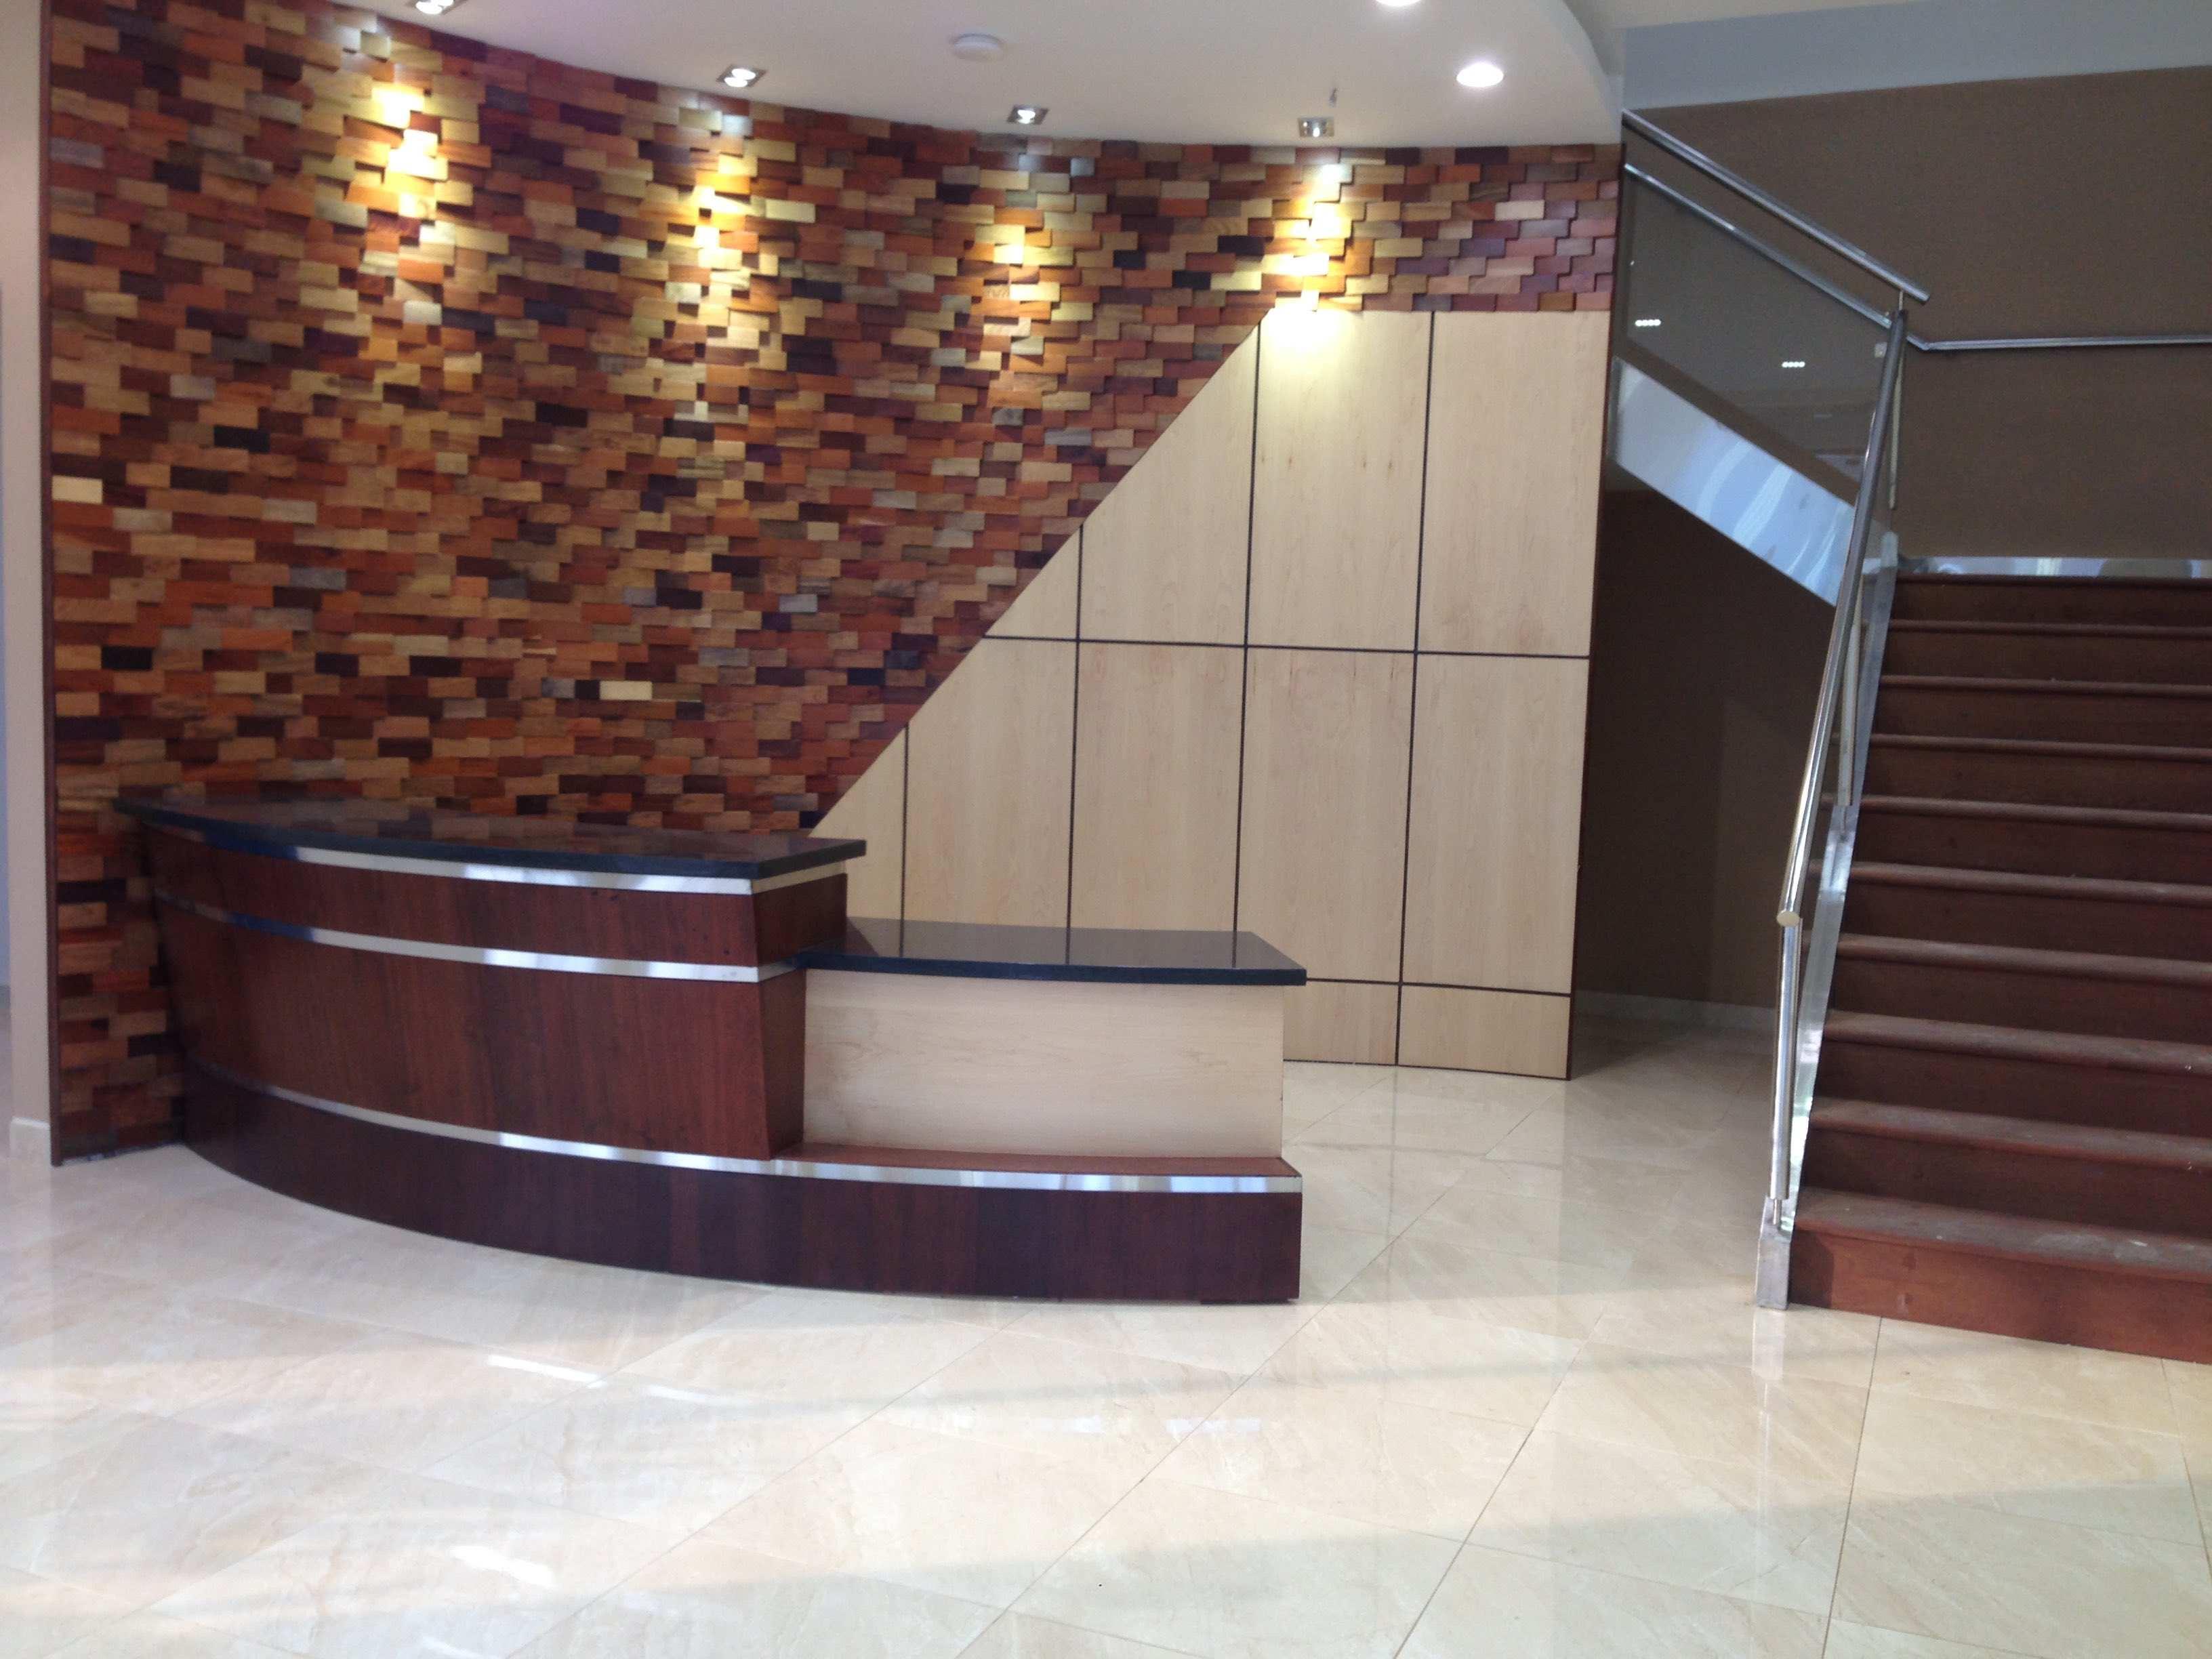 interiores023